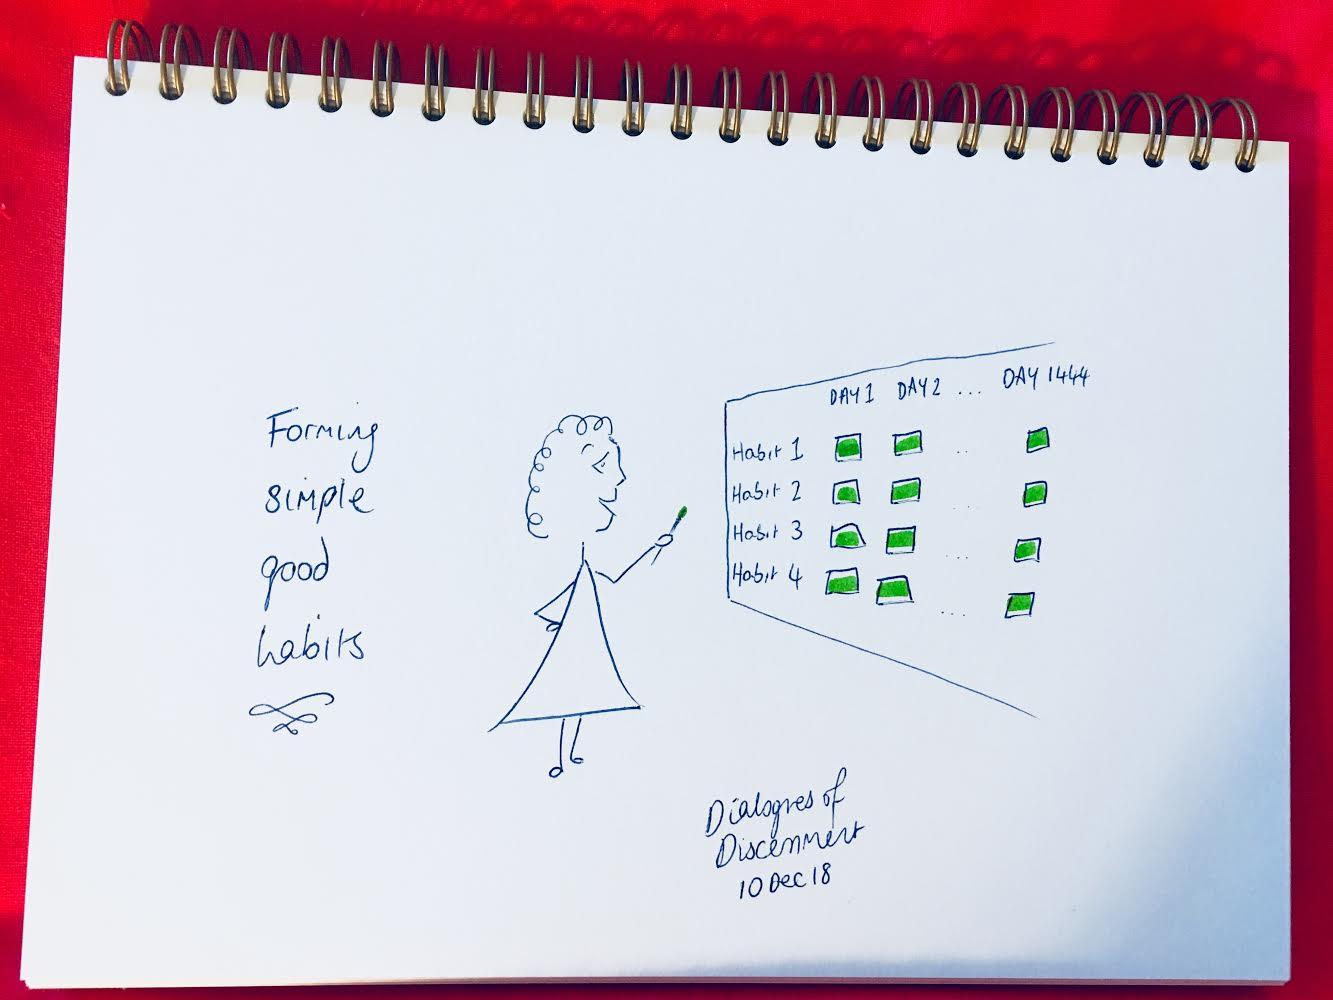 Forming Simple Good Habits DoD 10dec18